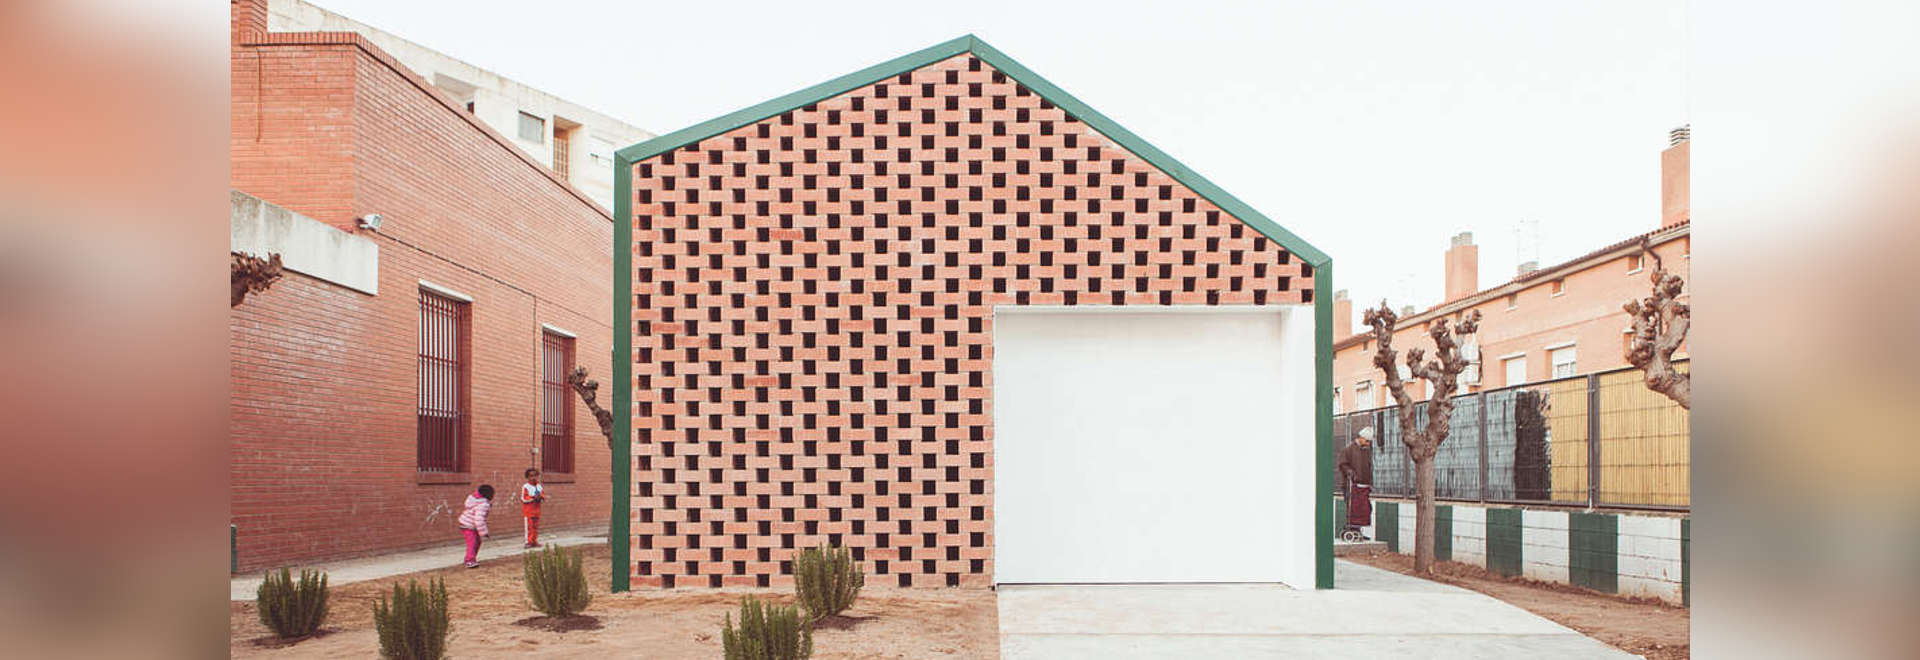 Neue Archetypen: NUA Arquitectures? SDA Lebensmittelverteilung-Mitte wendet einfachen Entwurf für eine große Auswirkung in Spanien an